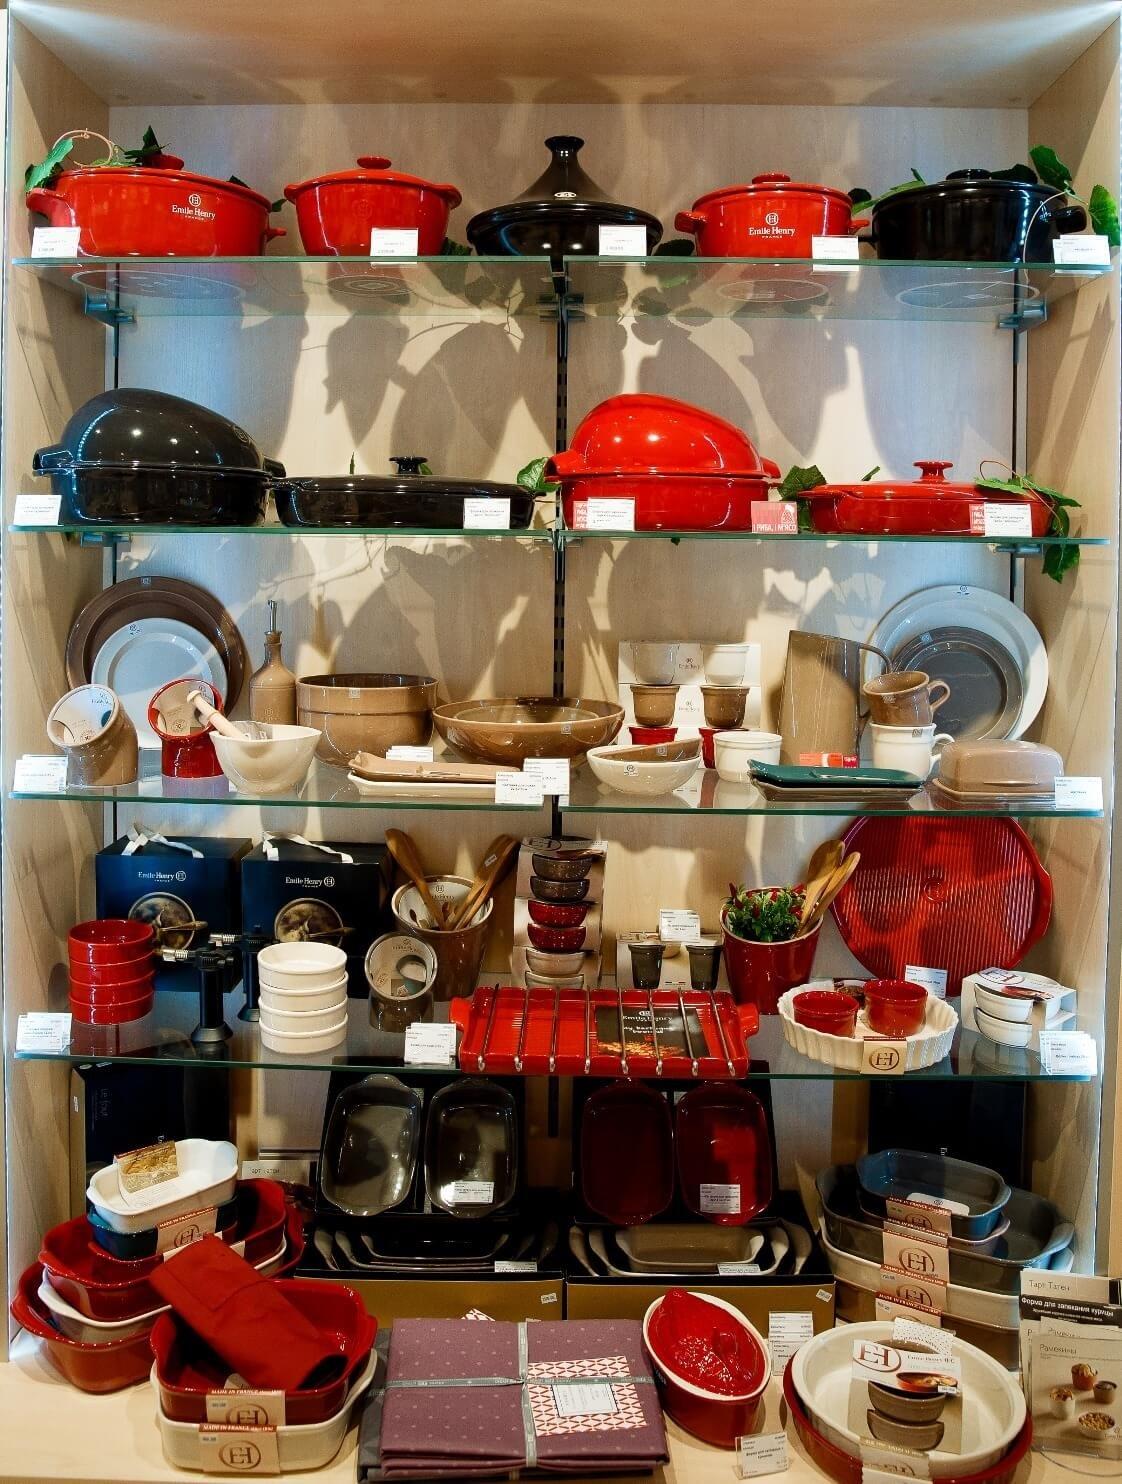 Форма порционная Emile Henry, диаметр 10,5 см, красный Emile Henry 341010 фото 2